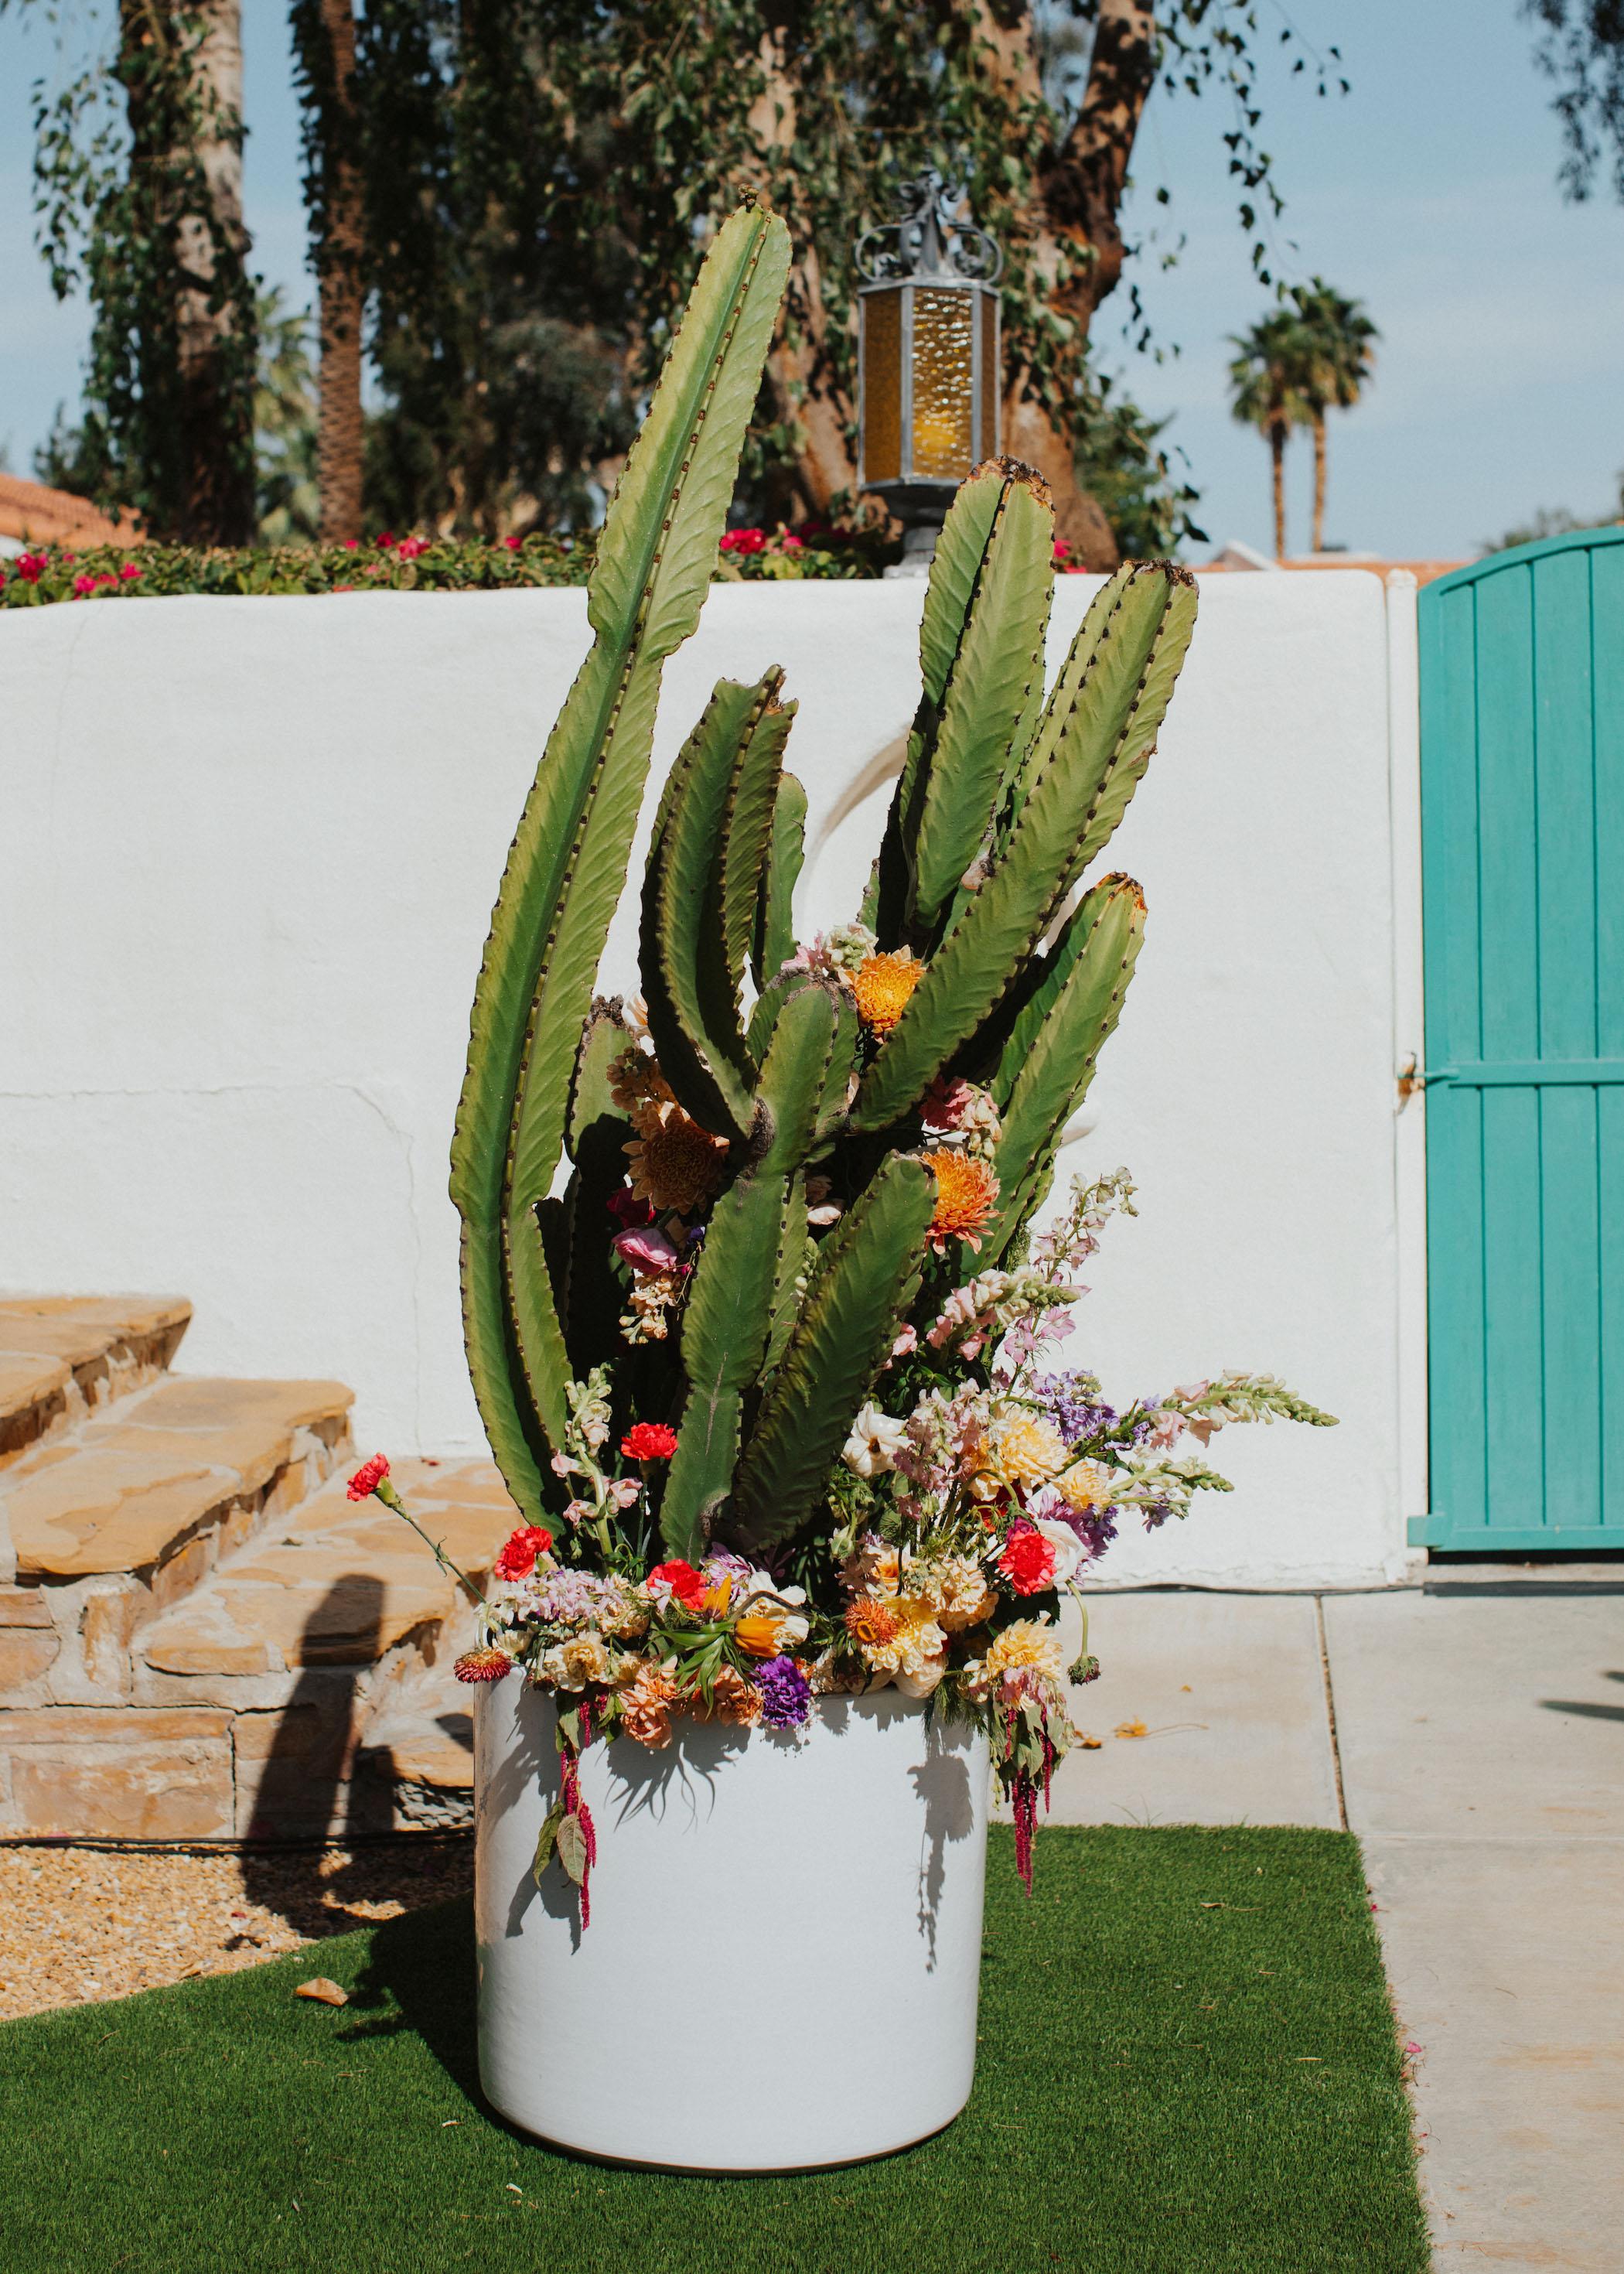 cactus-flower-plant